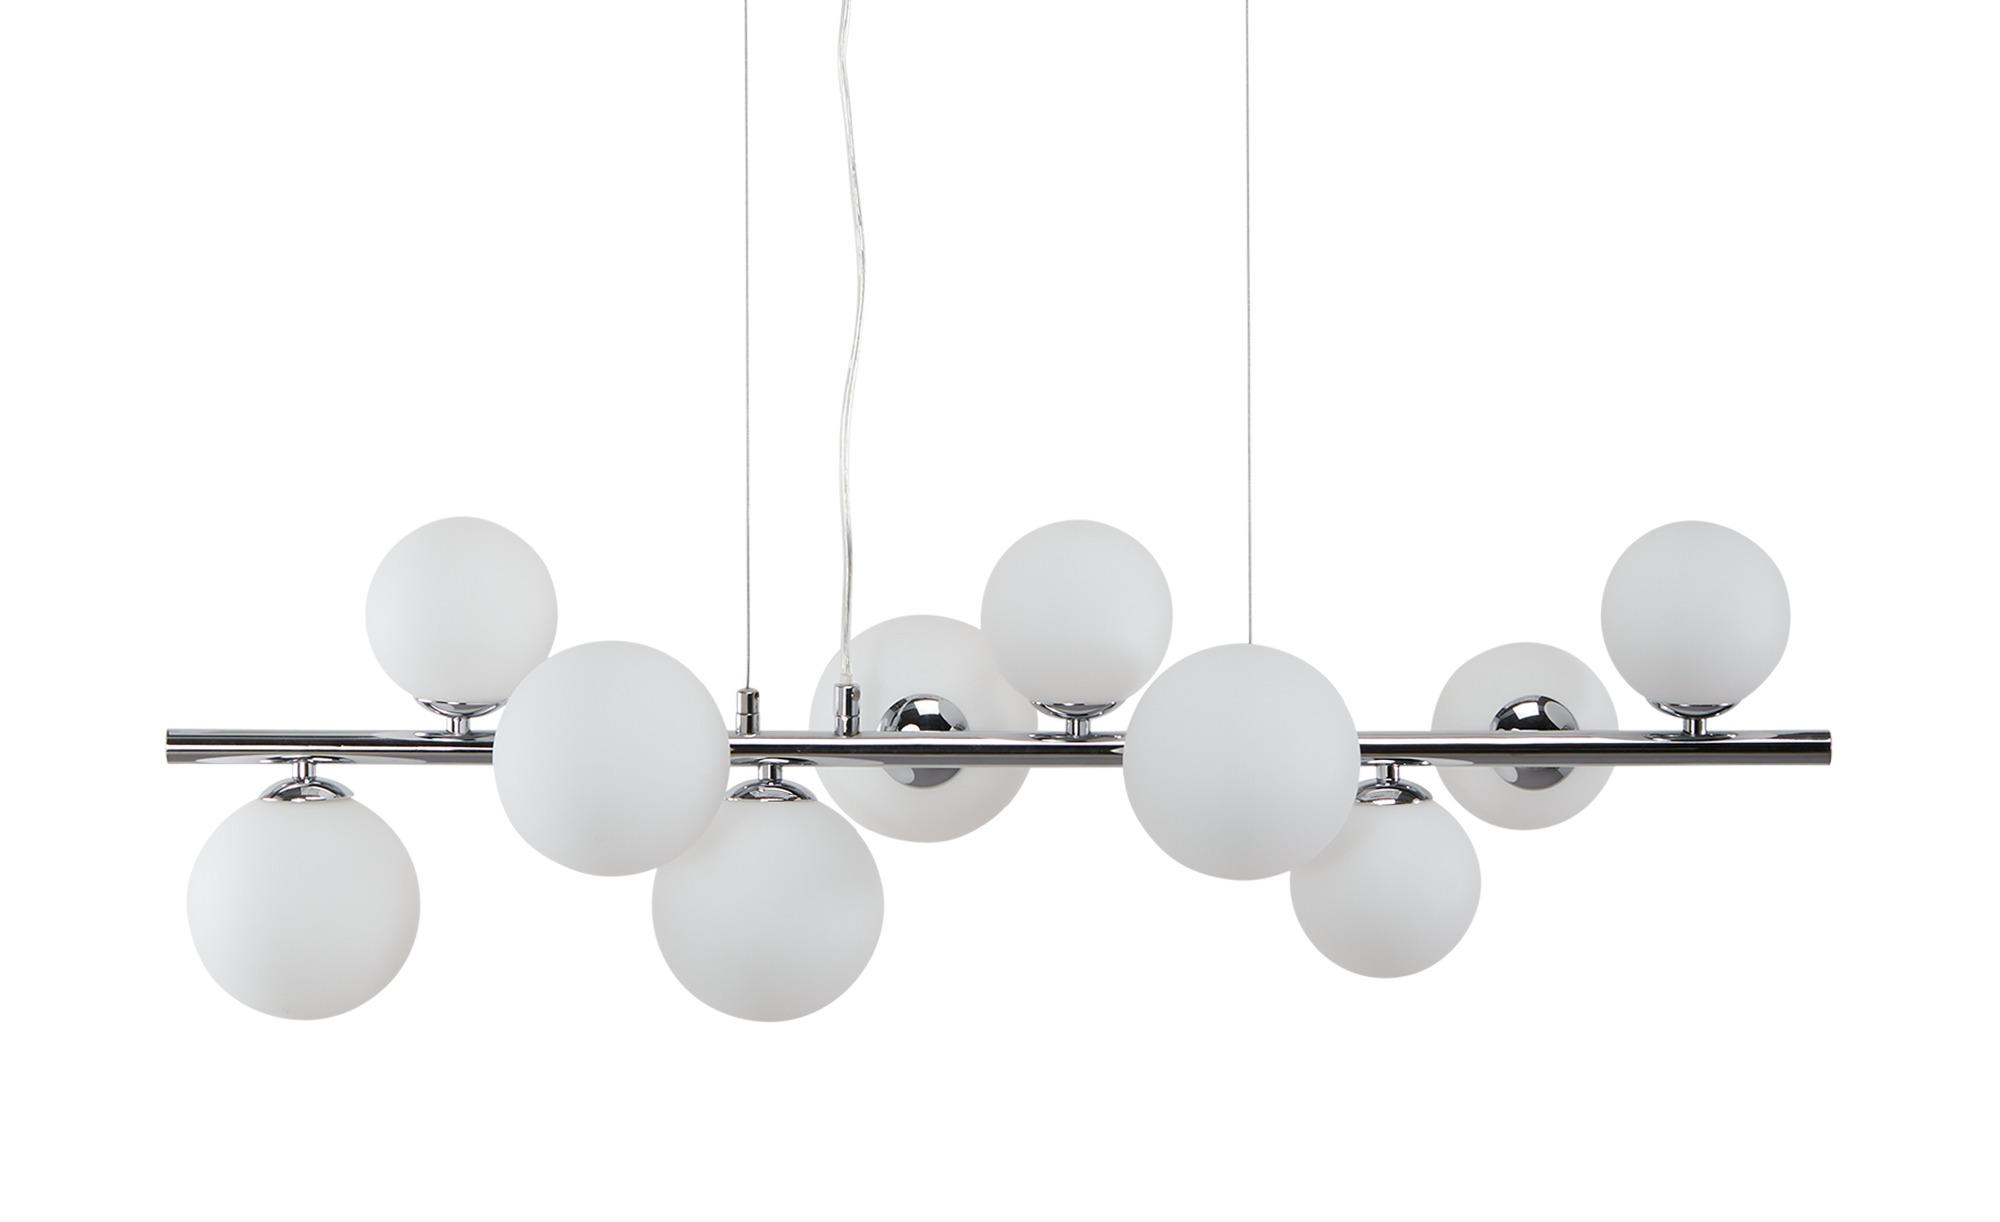 Meisterleuchten Pendelleuchte, 10-flammig, ´gerade´mit Glaskugeln ¦ silber ¦ Maße (cm): B: 29 H: 120 Lampen & Leuchten > LED-Leuchten > LED-Pendelleuchten - Höffner